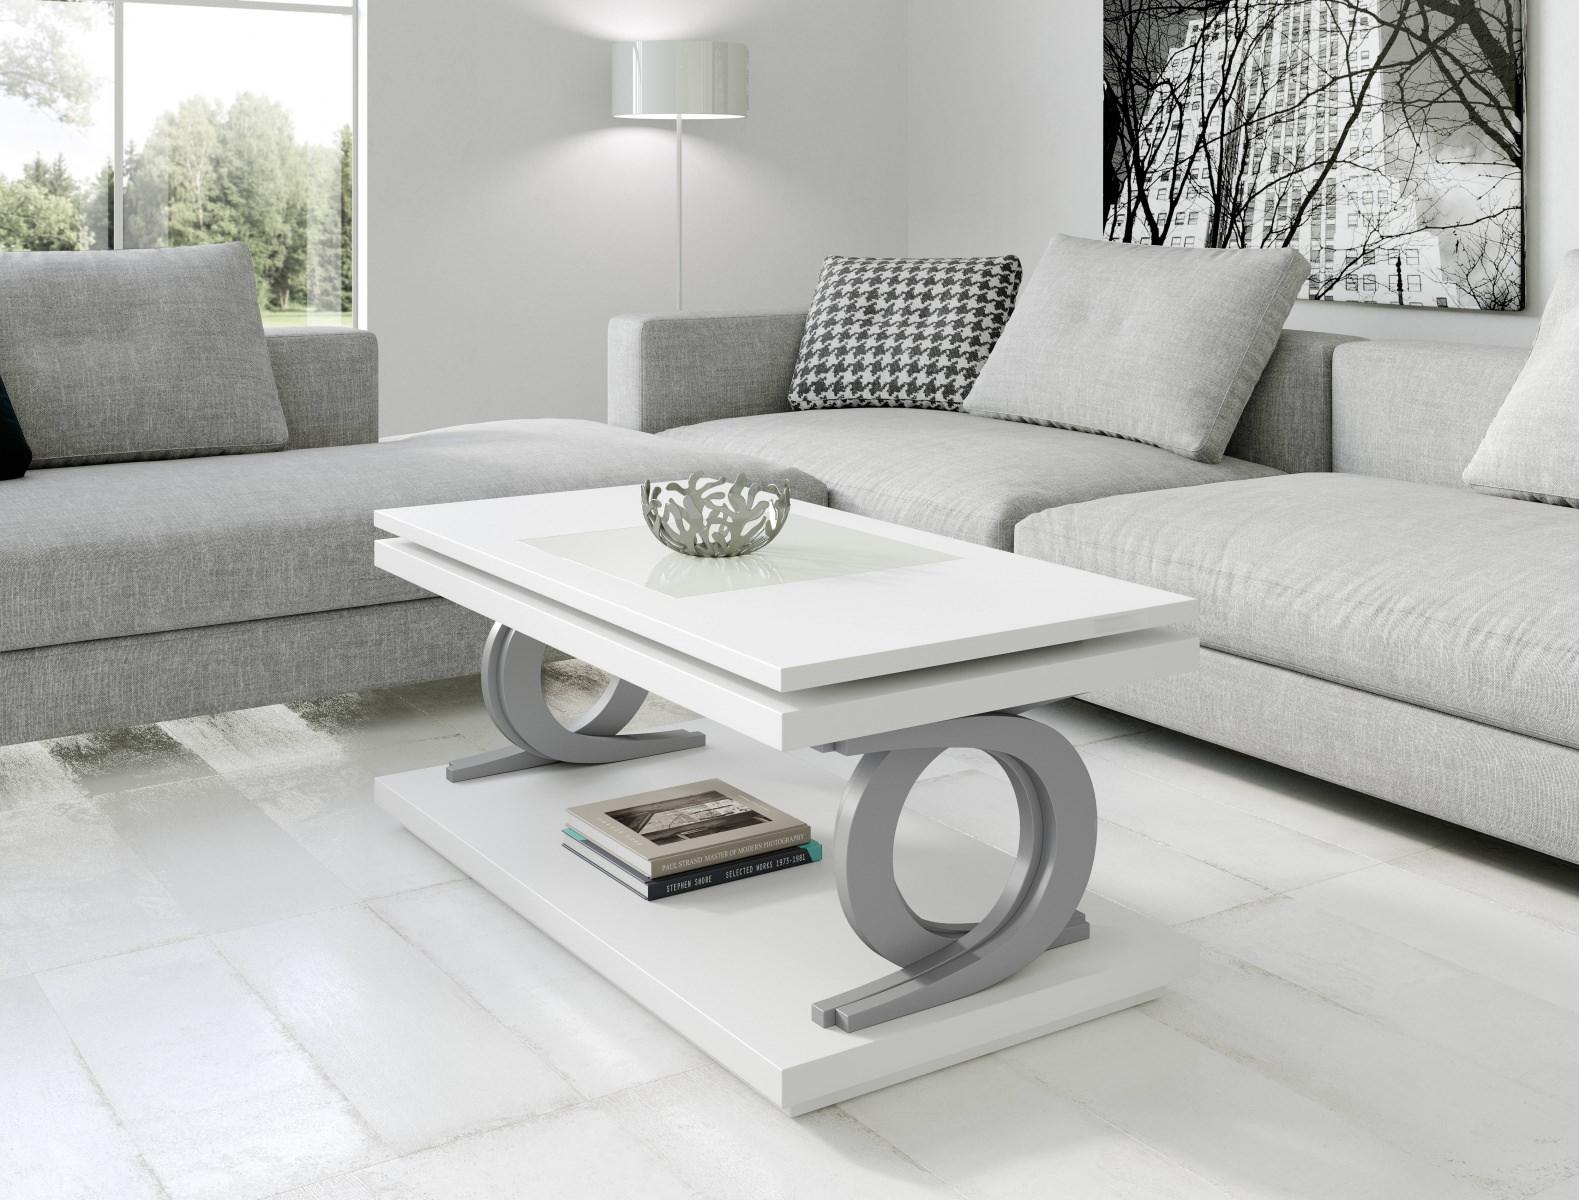 Журнальный стол NORA 2062 Blanco/Plata Disemobel